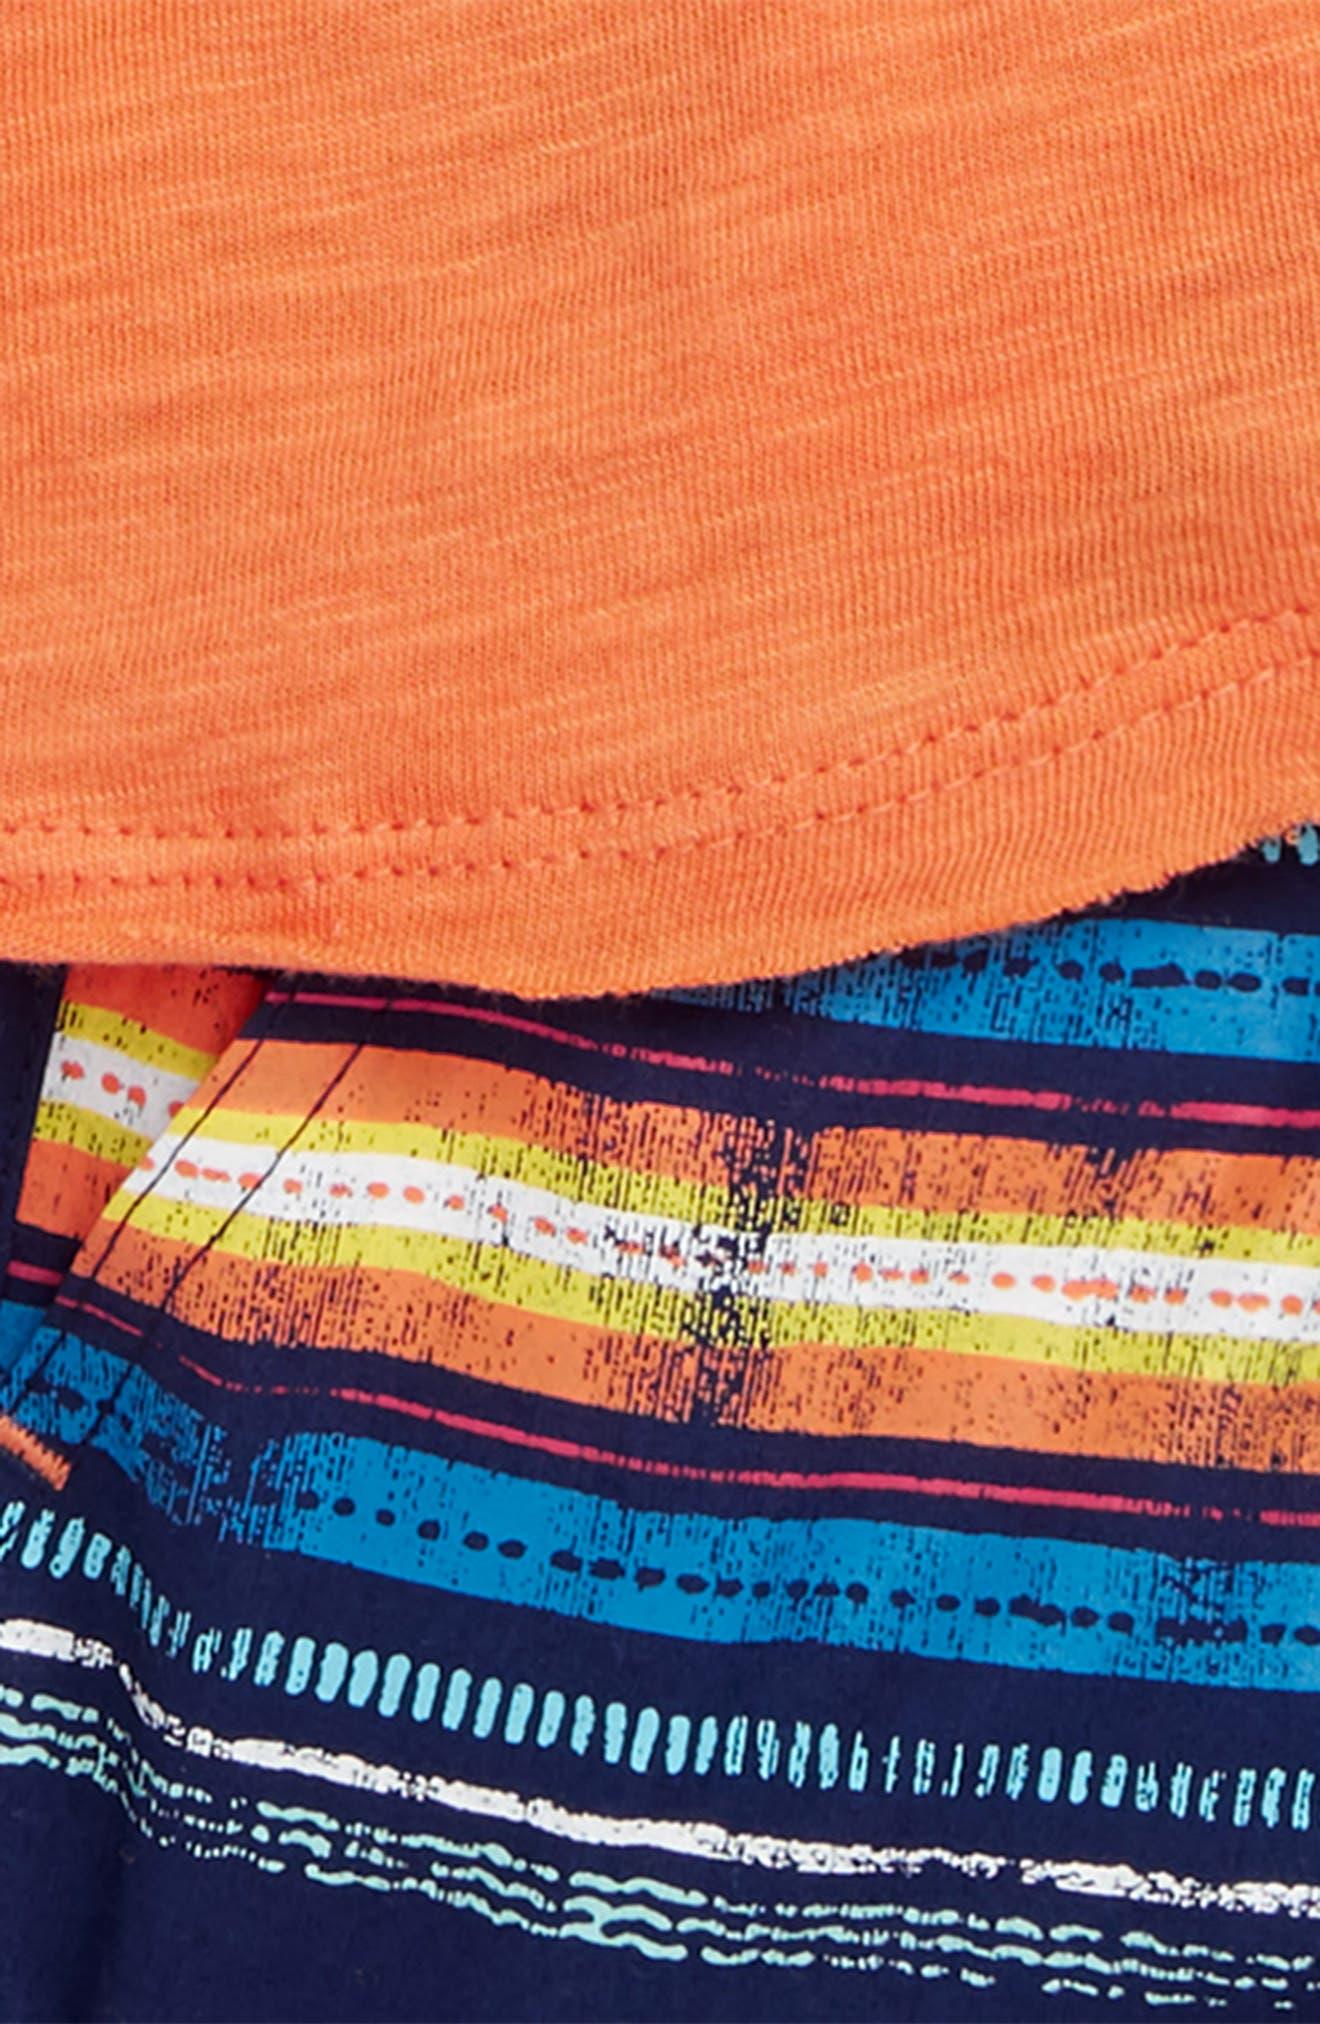 T-Shirt & Stripe Shorts Set,                             Alternate thumbnail 3, color,                             820